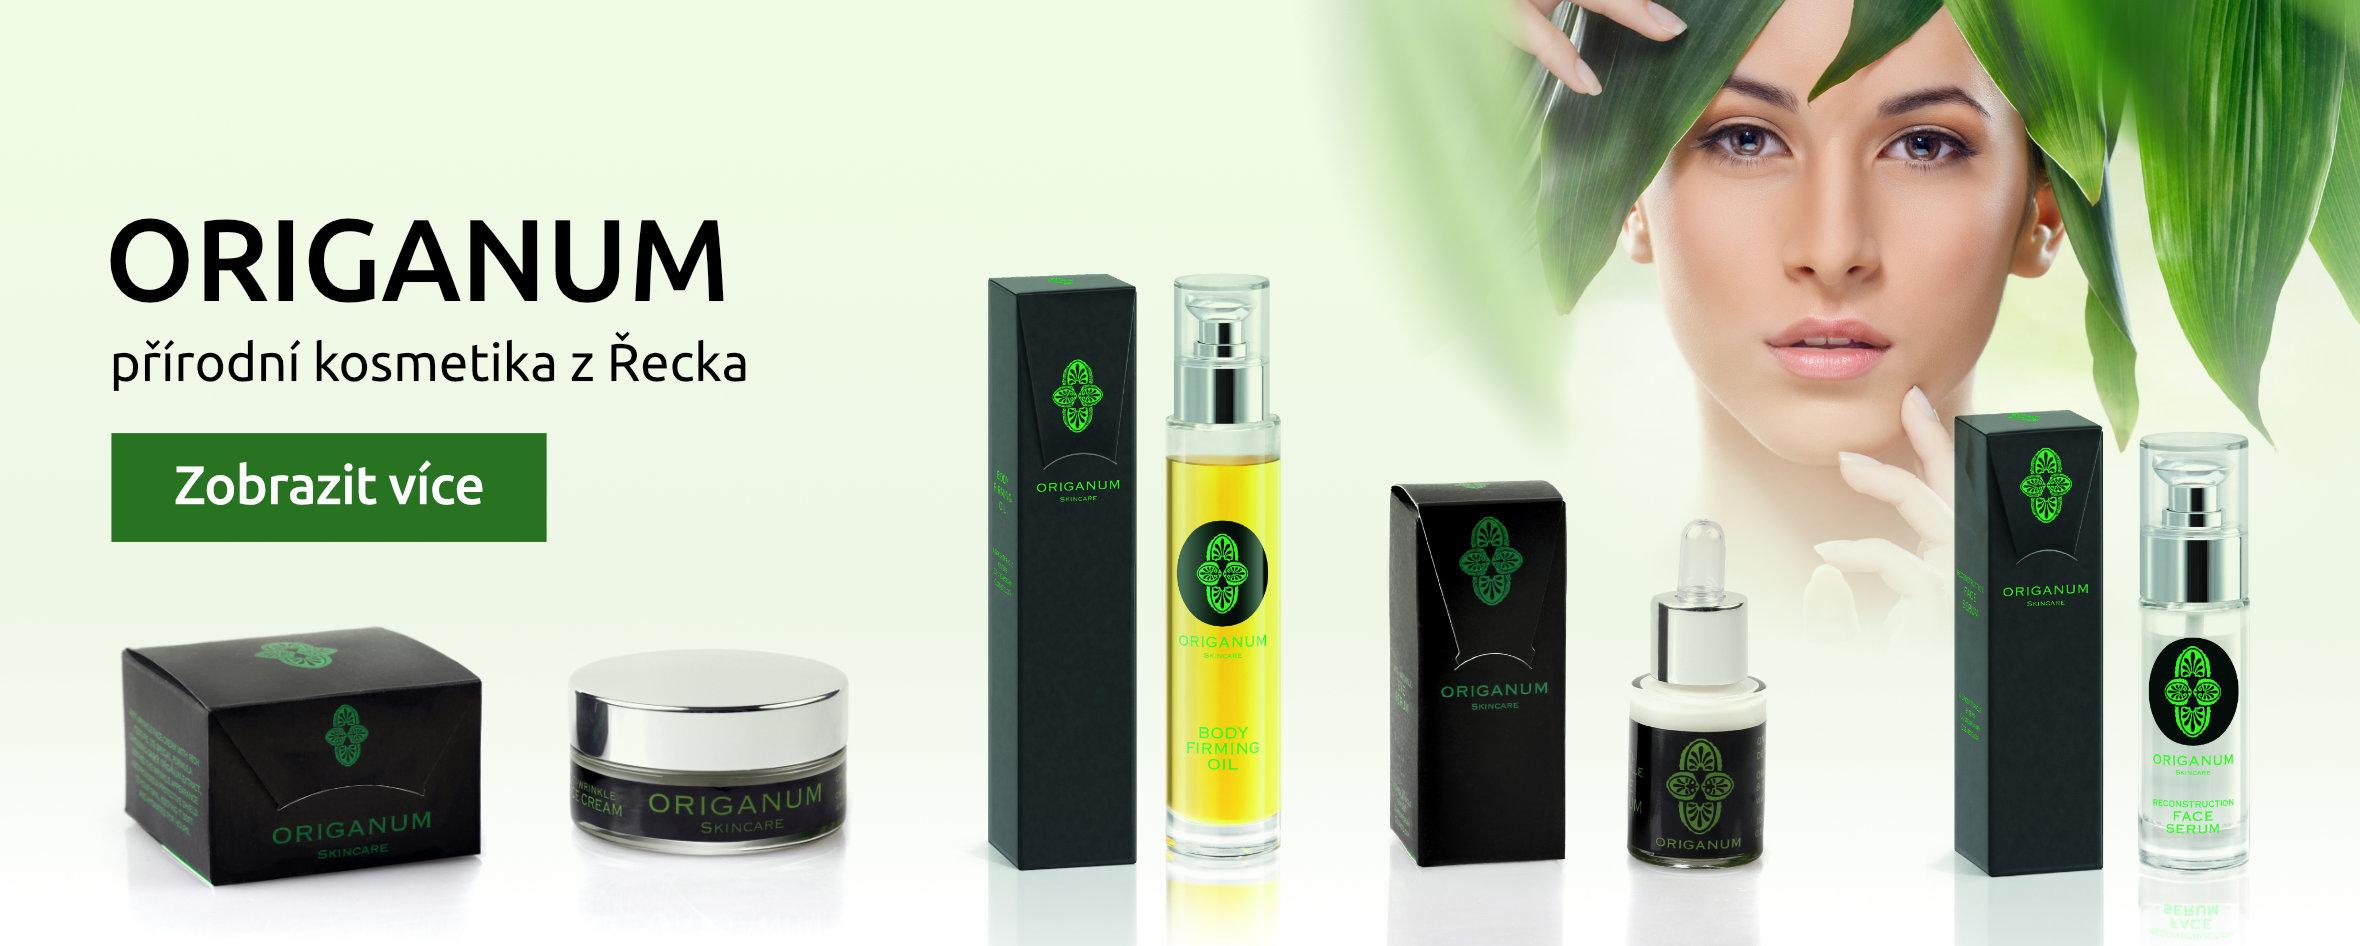 Origanum  přírodní kosmetika